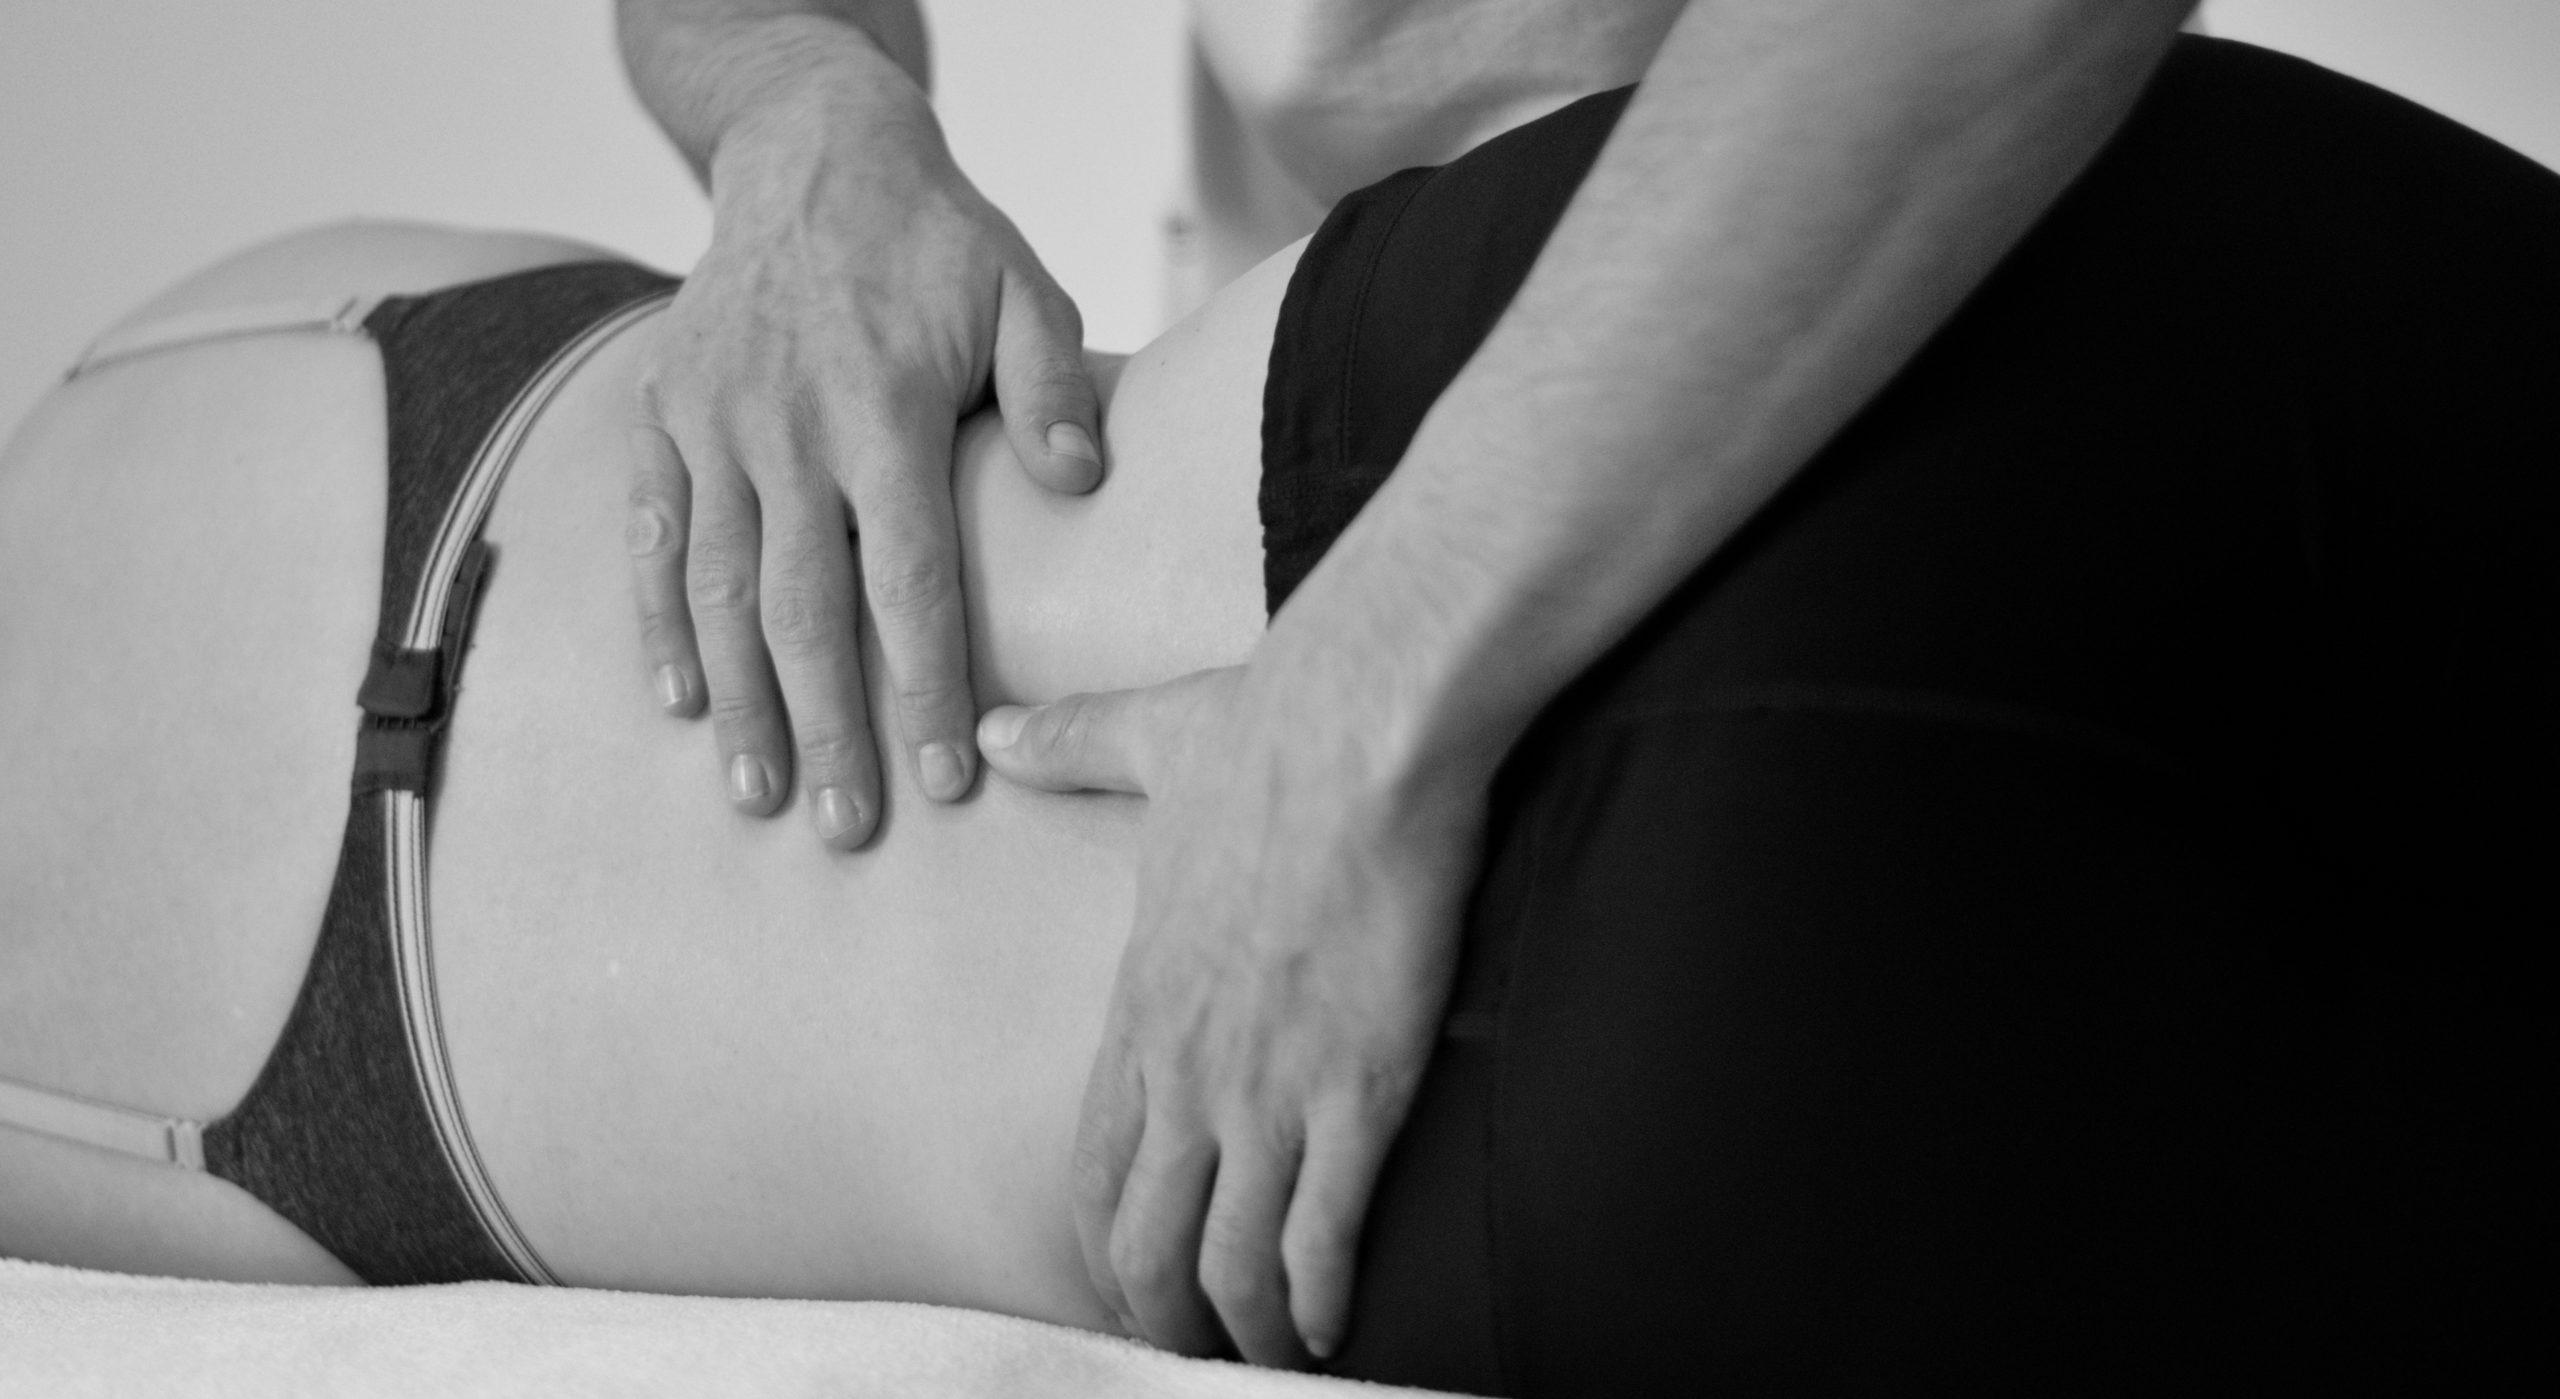 Uw Fysiotherapeut en manueel therapeut in de wijk Wolder / Daalhof te Maastricht.